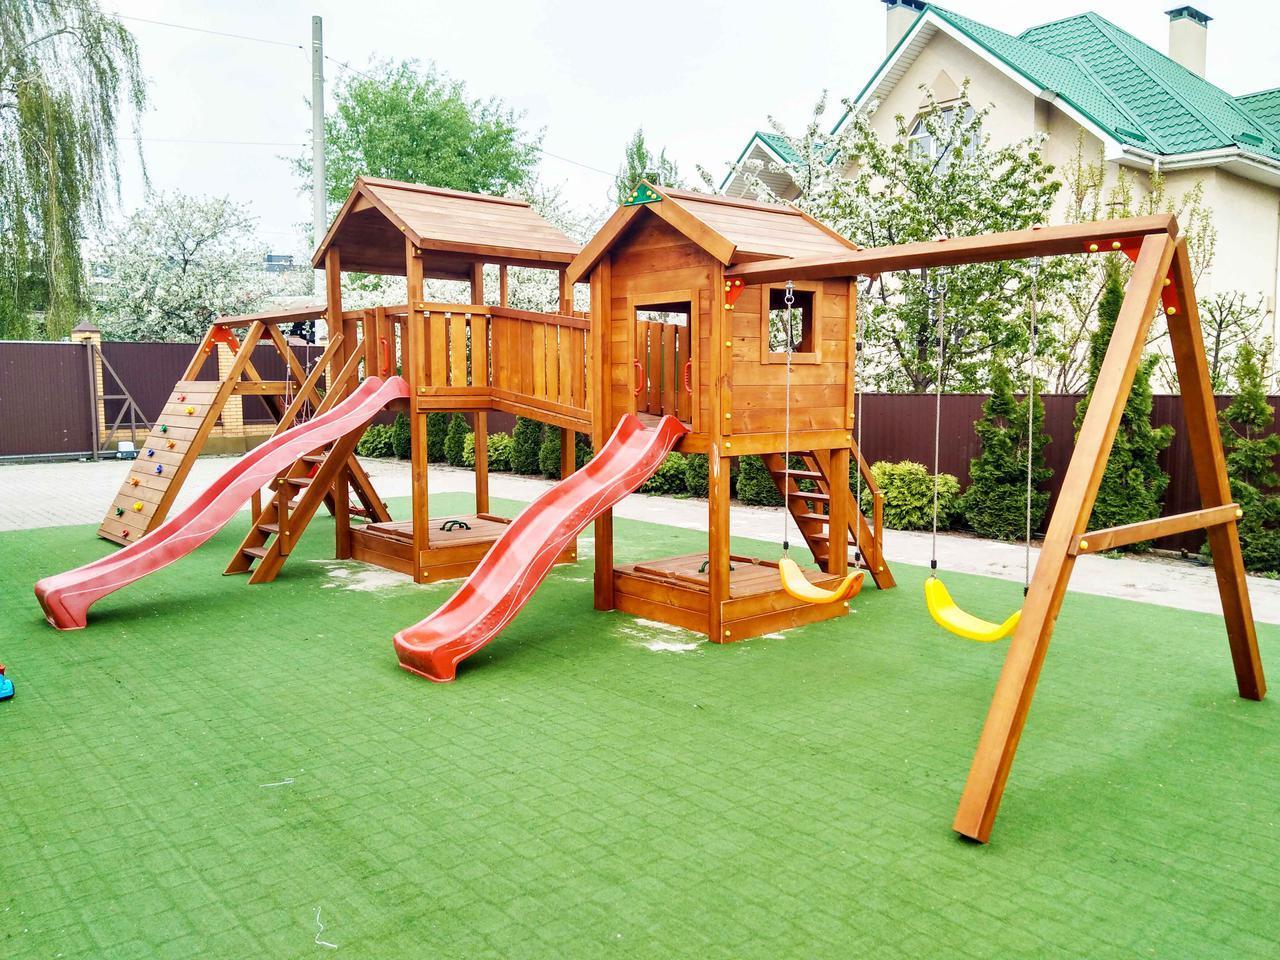 Детская площадка Spielplatz Виланд, Отто с лазом Эсто, качелями и двойной песочницей-трансформером